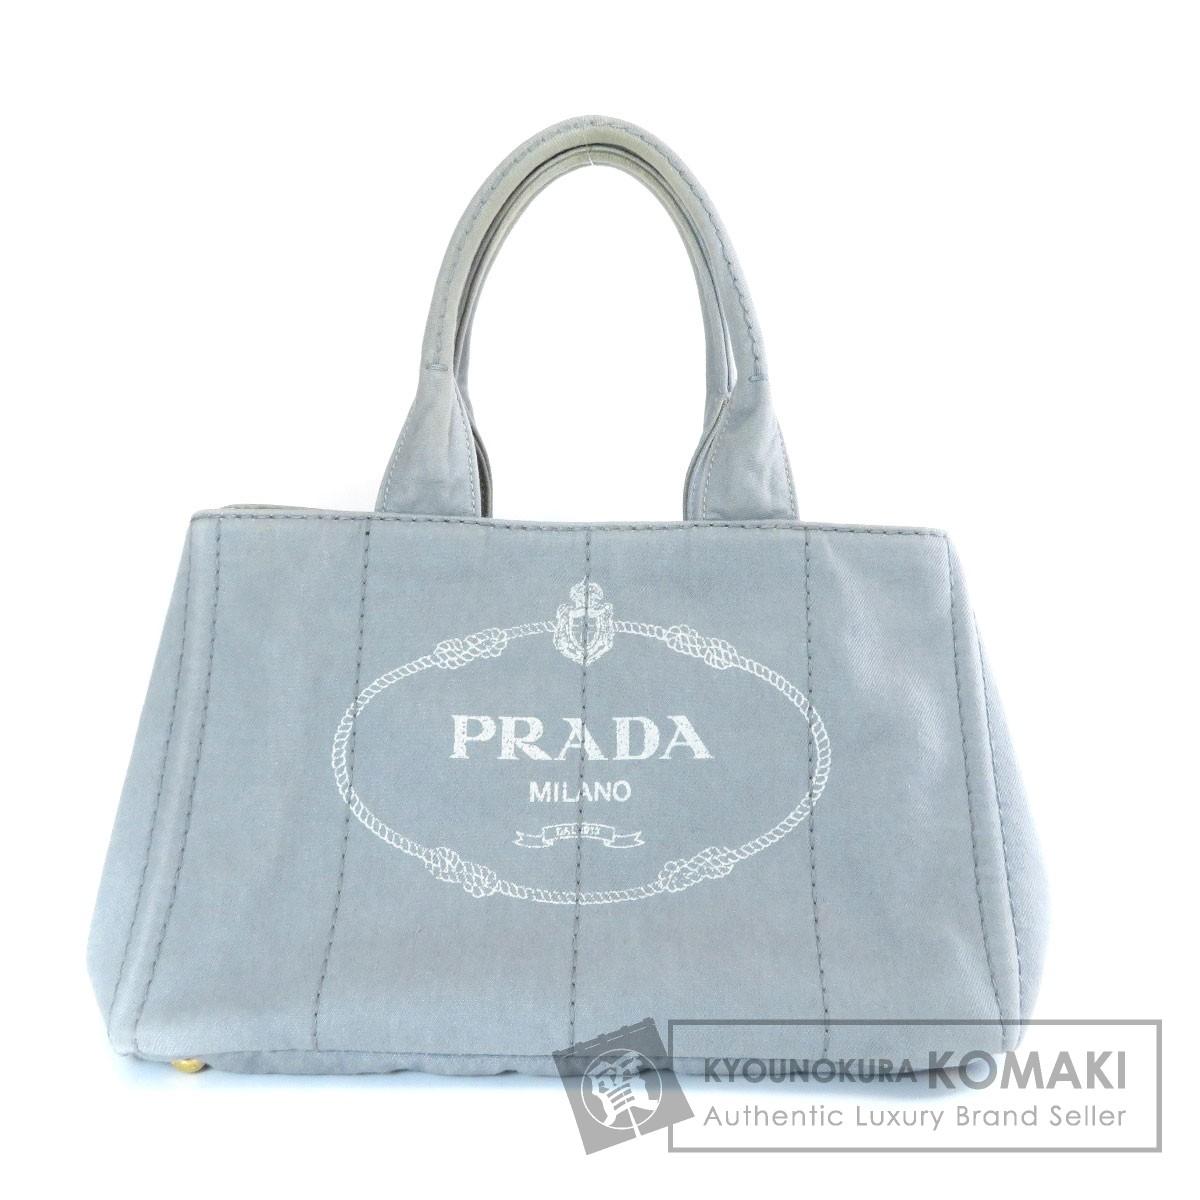 プラダ B1877B カナパ トートバッグ キャンバス レディース 【中古】【PRADA】